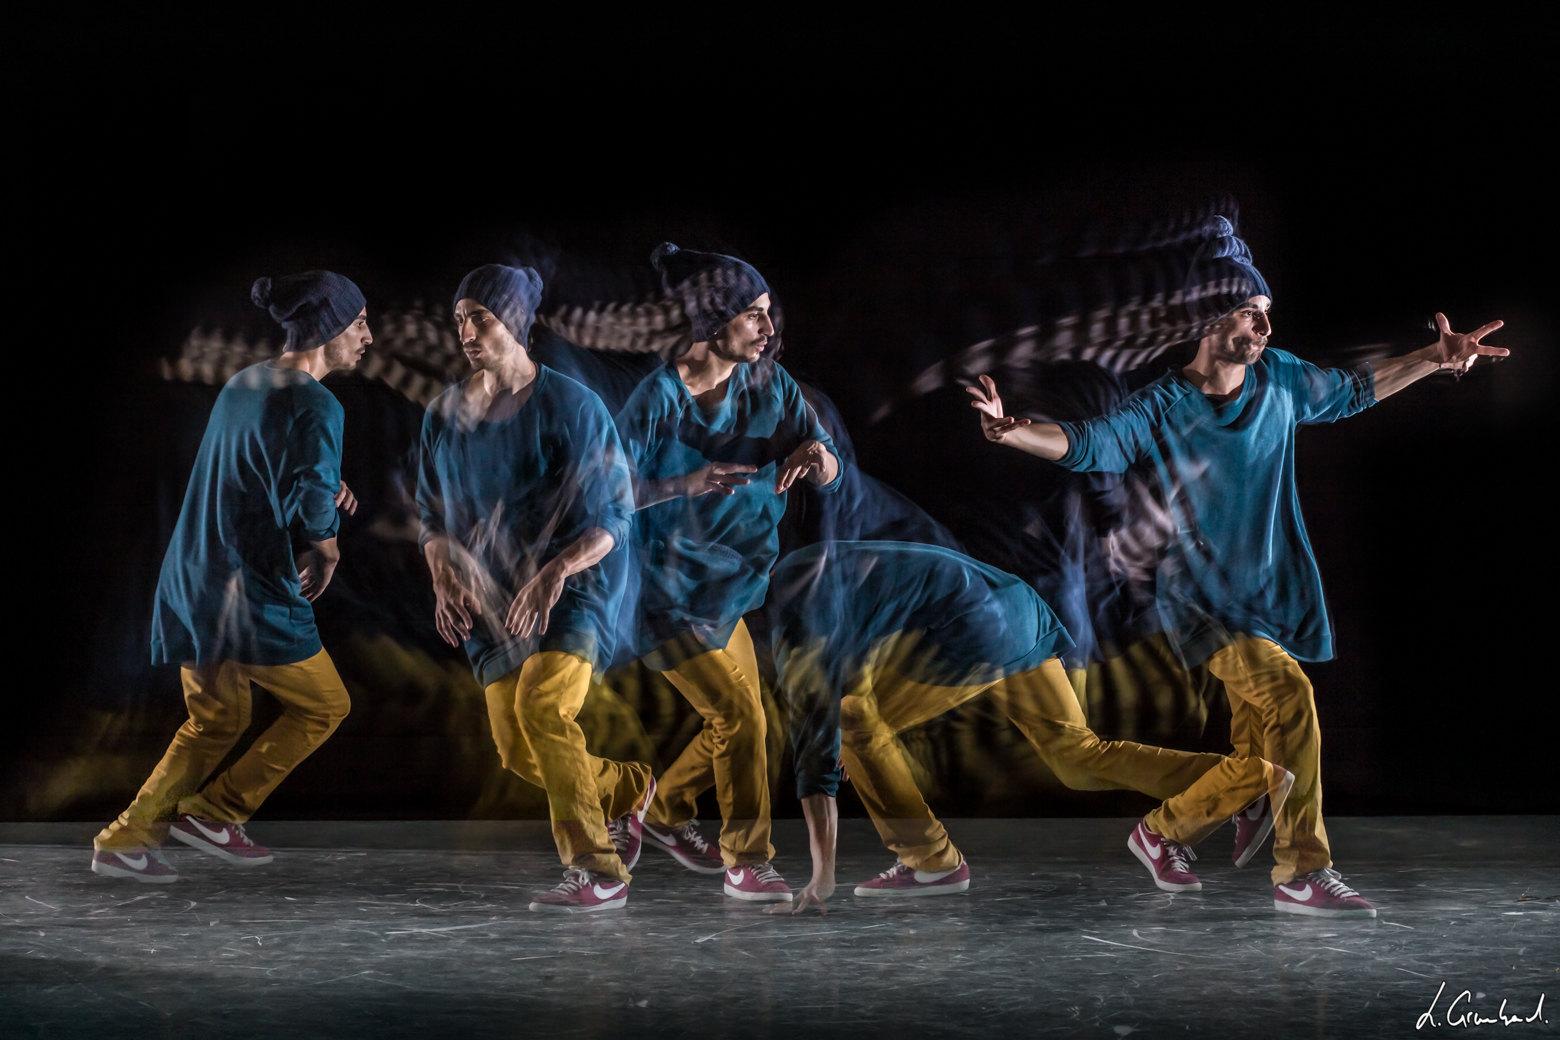 Mouvement danse hip-hop en Motion Sculpture - Sport